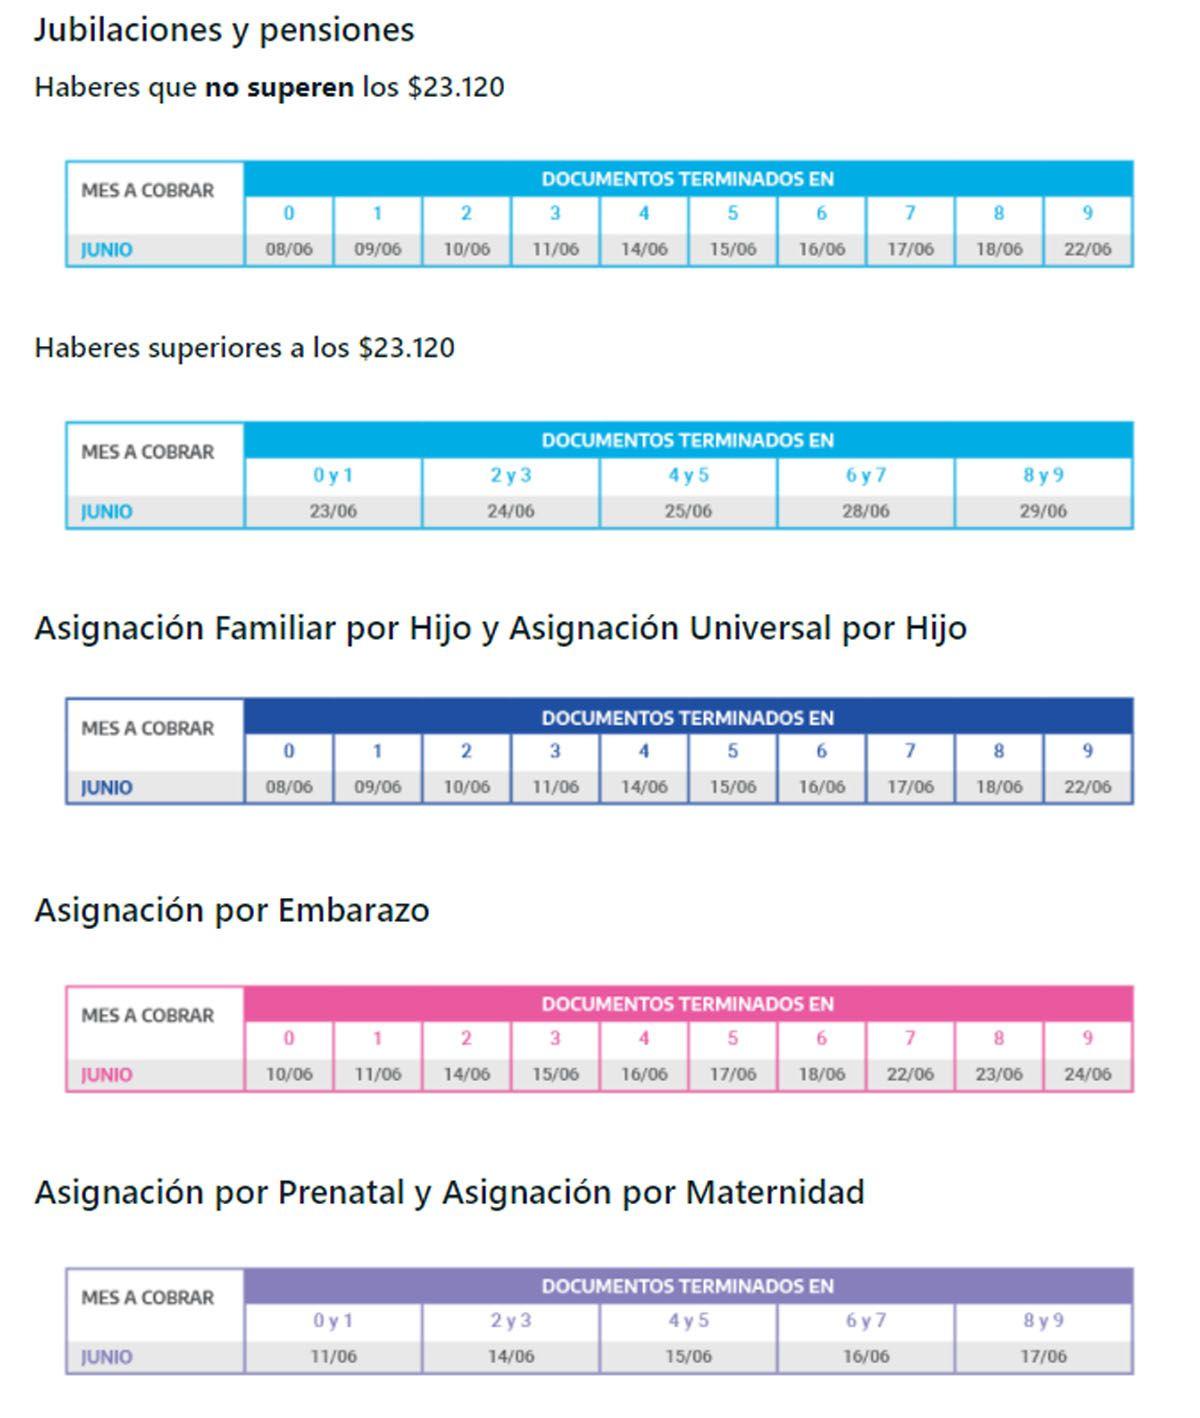 AUH junio 2021: arranca el calendario de pago de ANSES